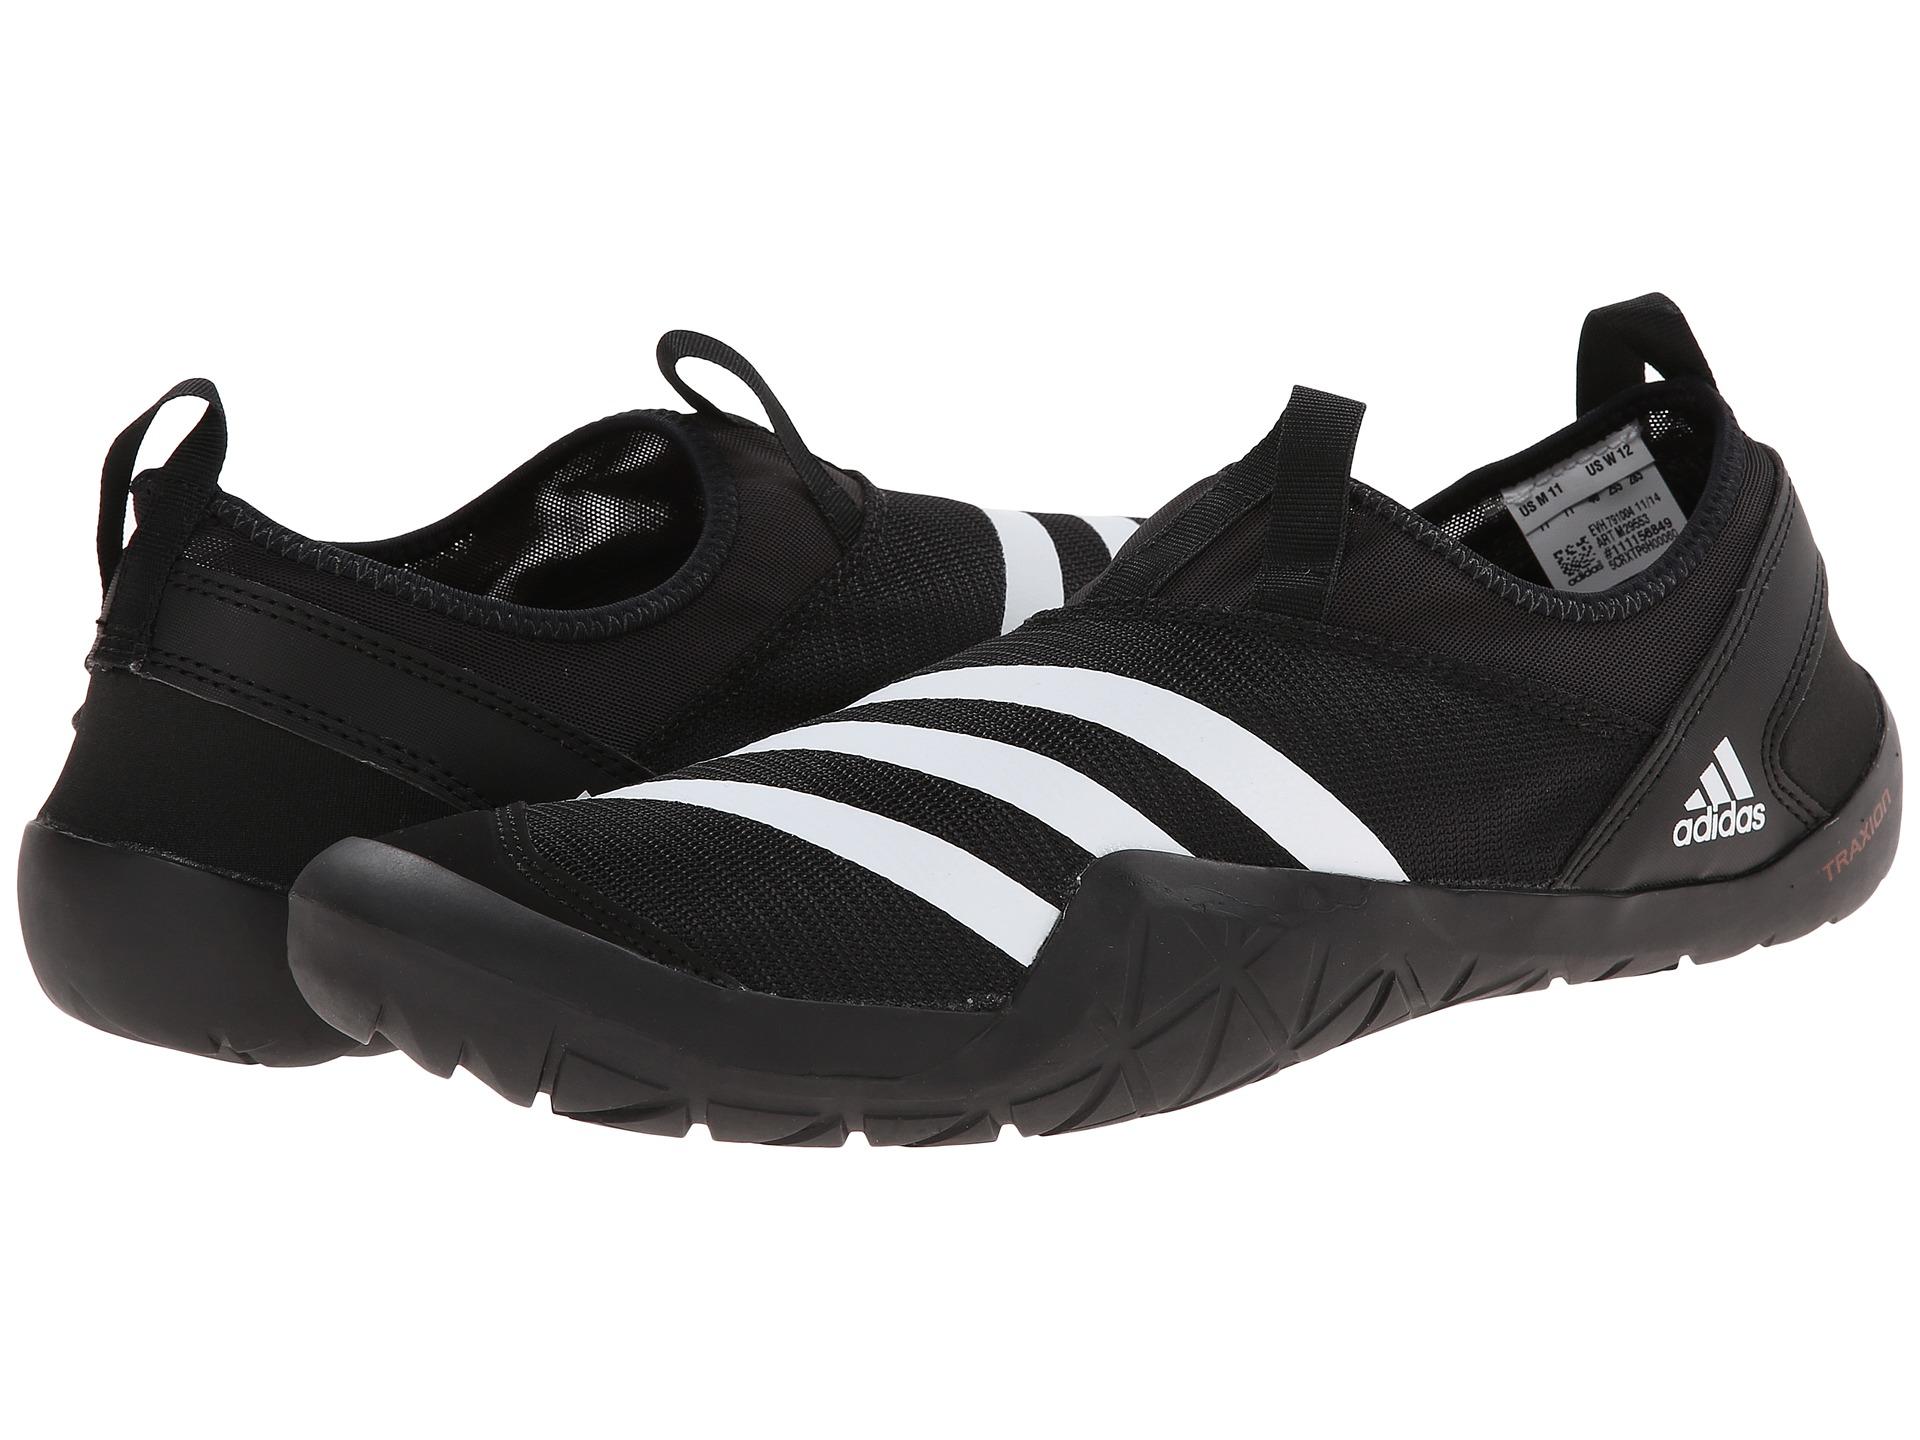 Adidas Laceless Shoes India